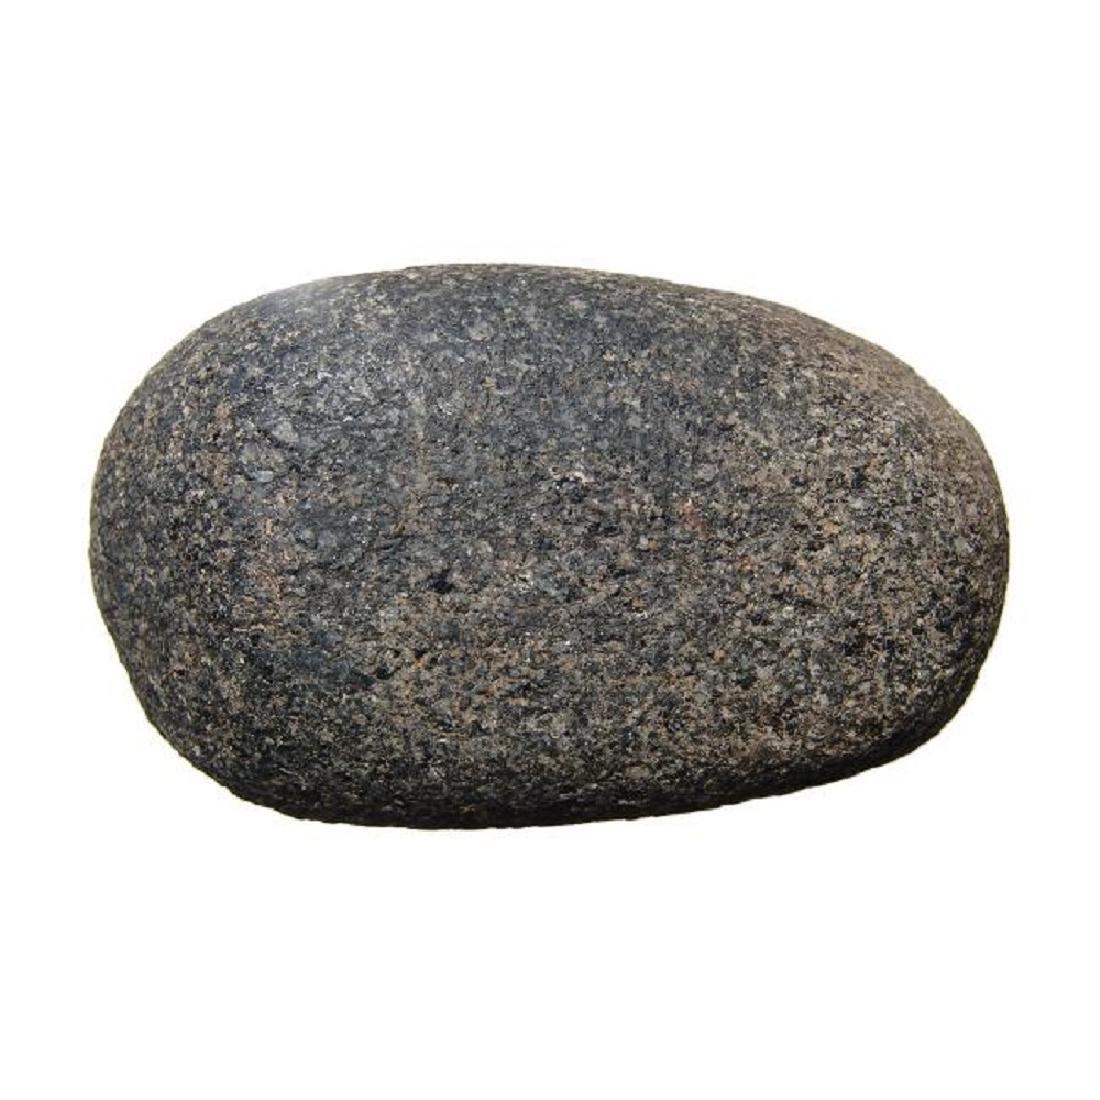 A granite mulling stone, Costa Rica - 4